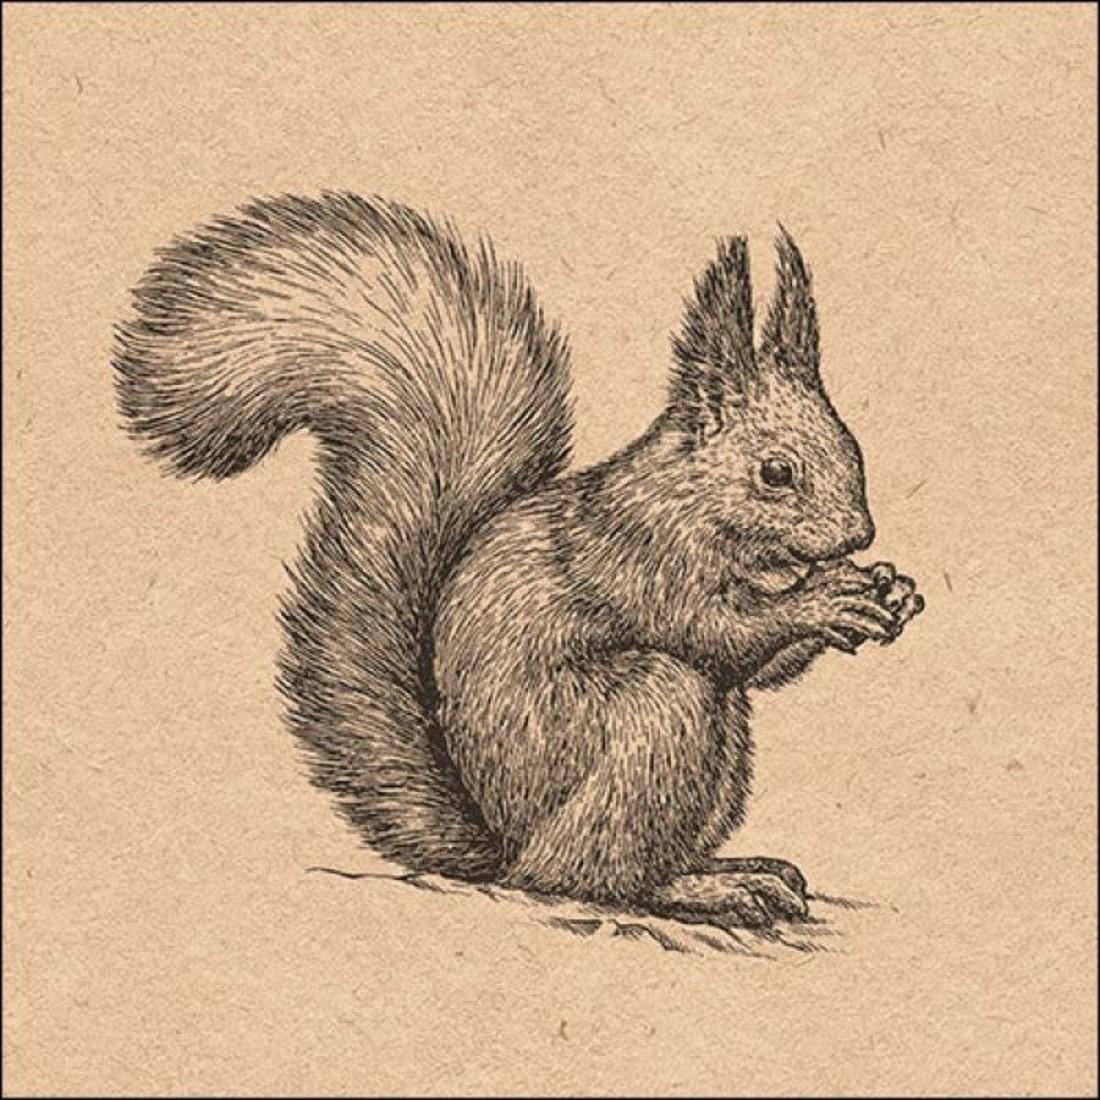 Napkin Etching Squirrel